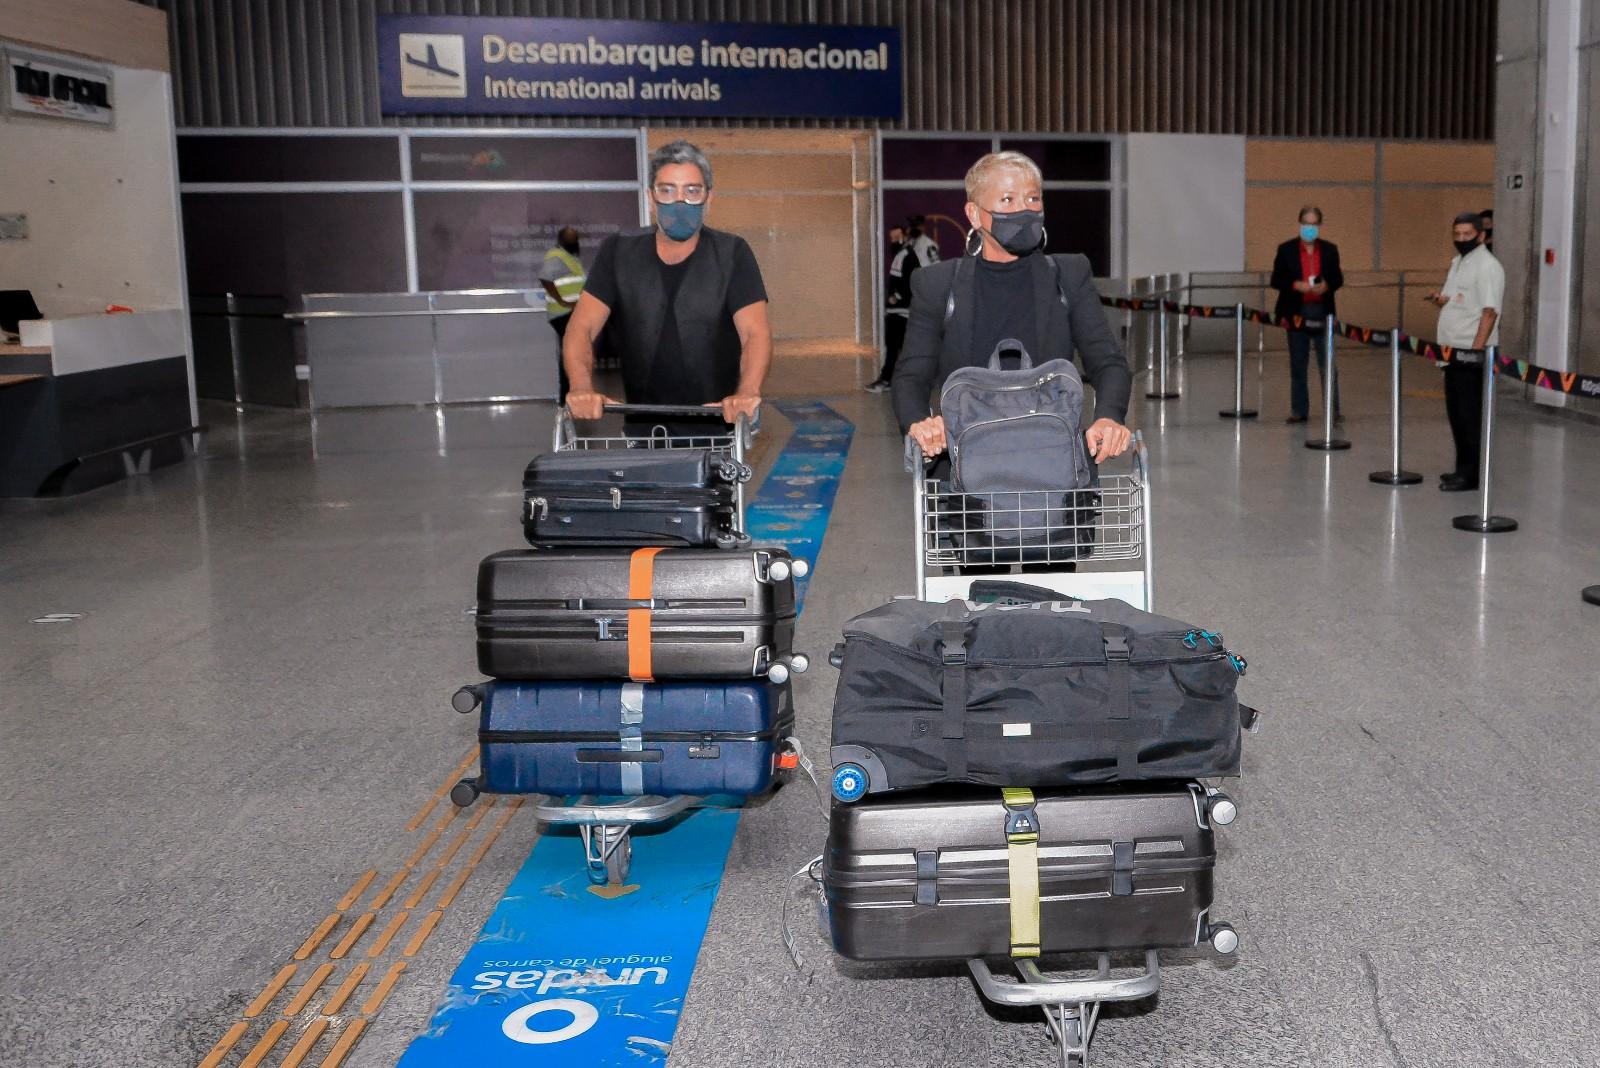 Xuxa e Junno desembarcam no Brasil após viagem à Aruba